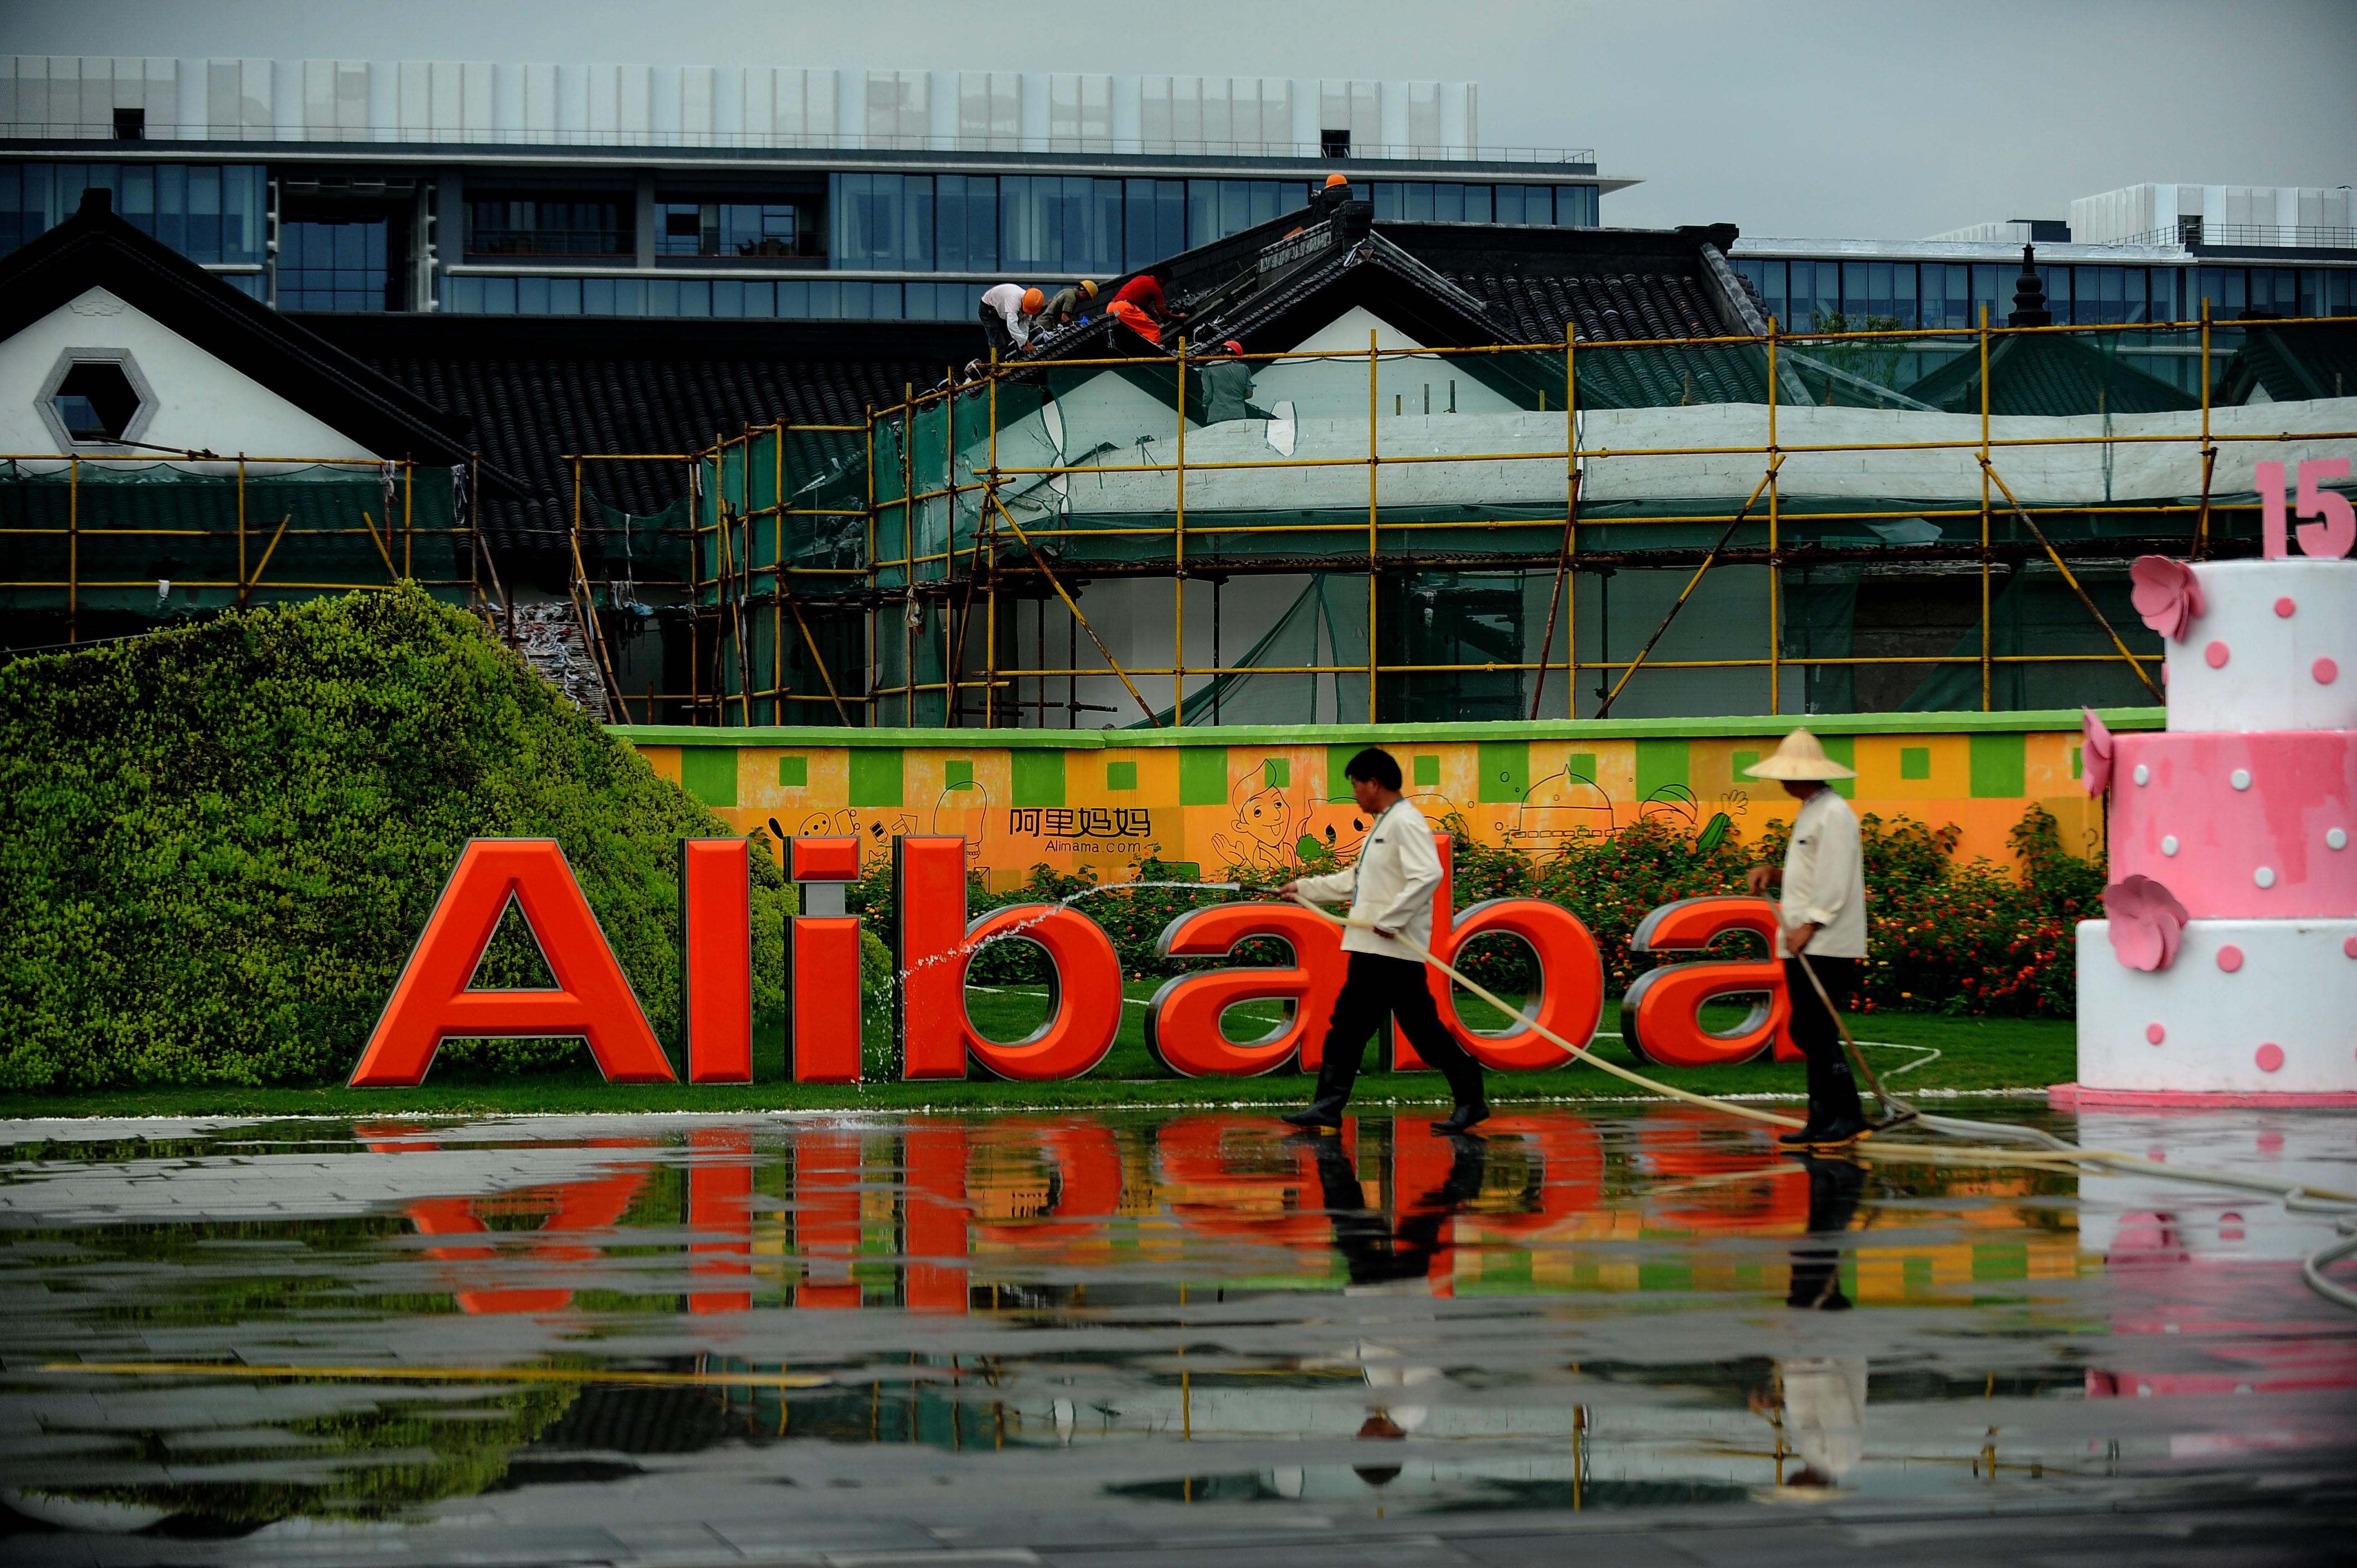 Képes kiszűrni az ujgur kisebbség tagjait az Alibaba arcfelismerője